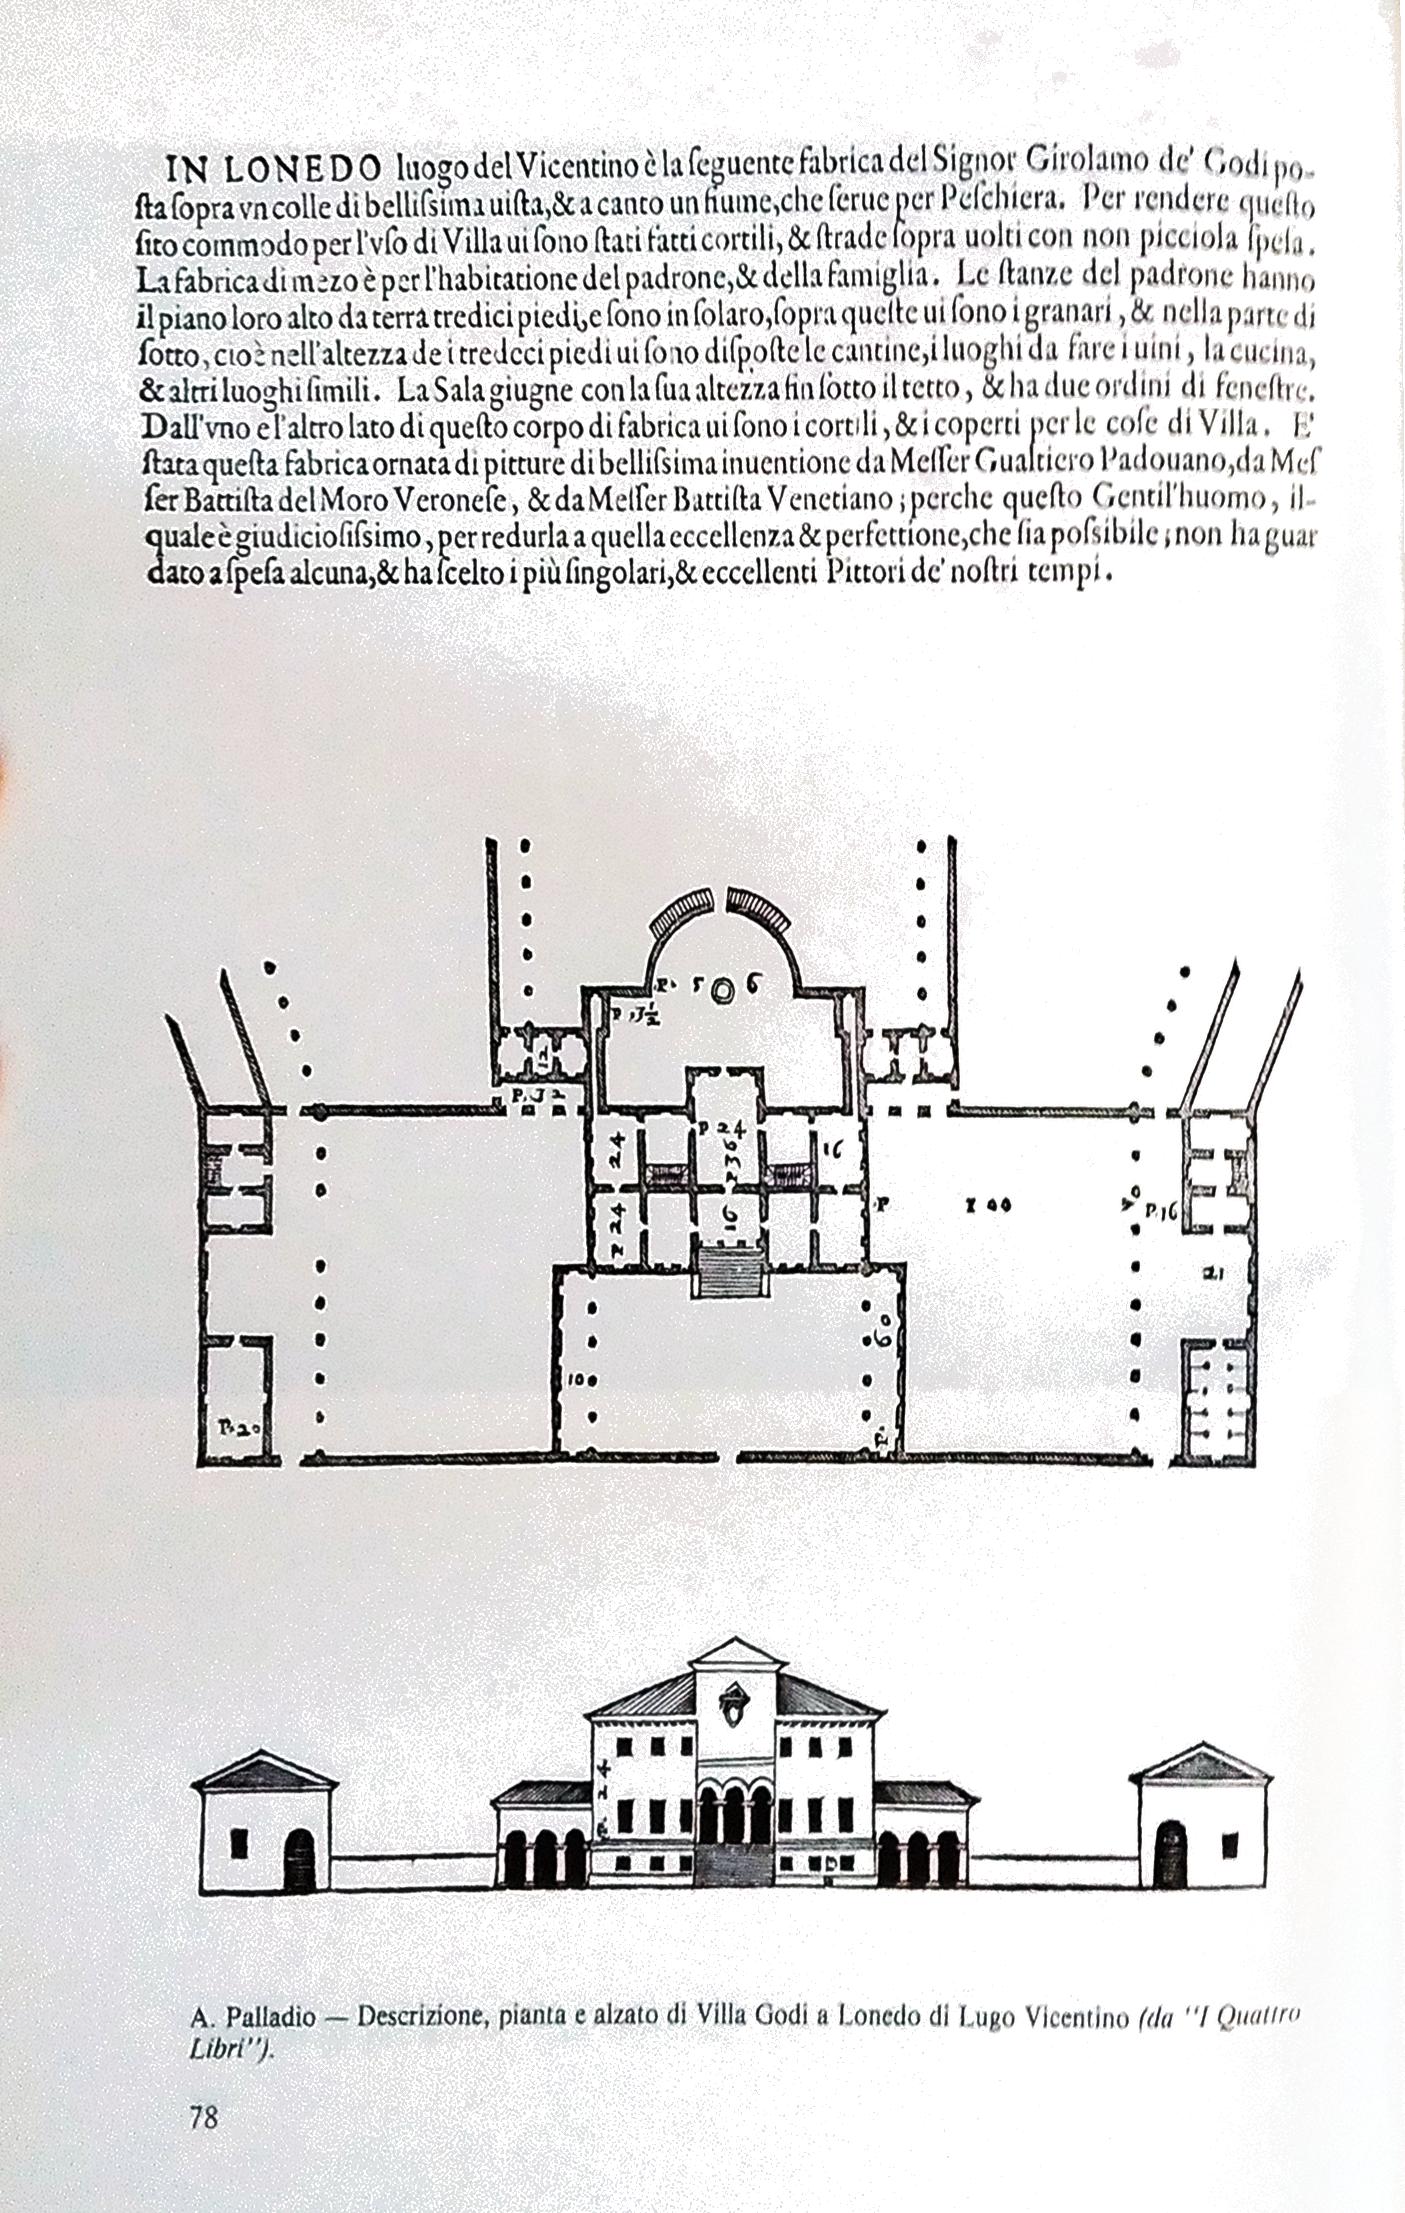 01 PALLADIO